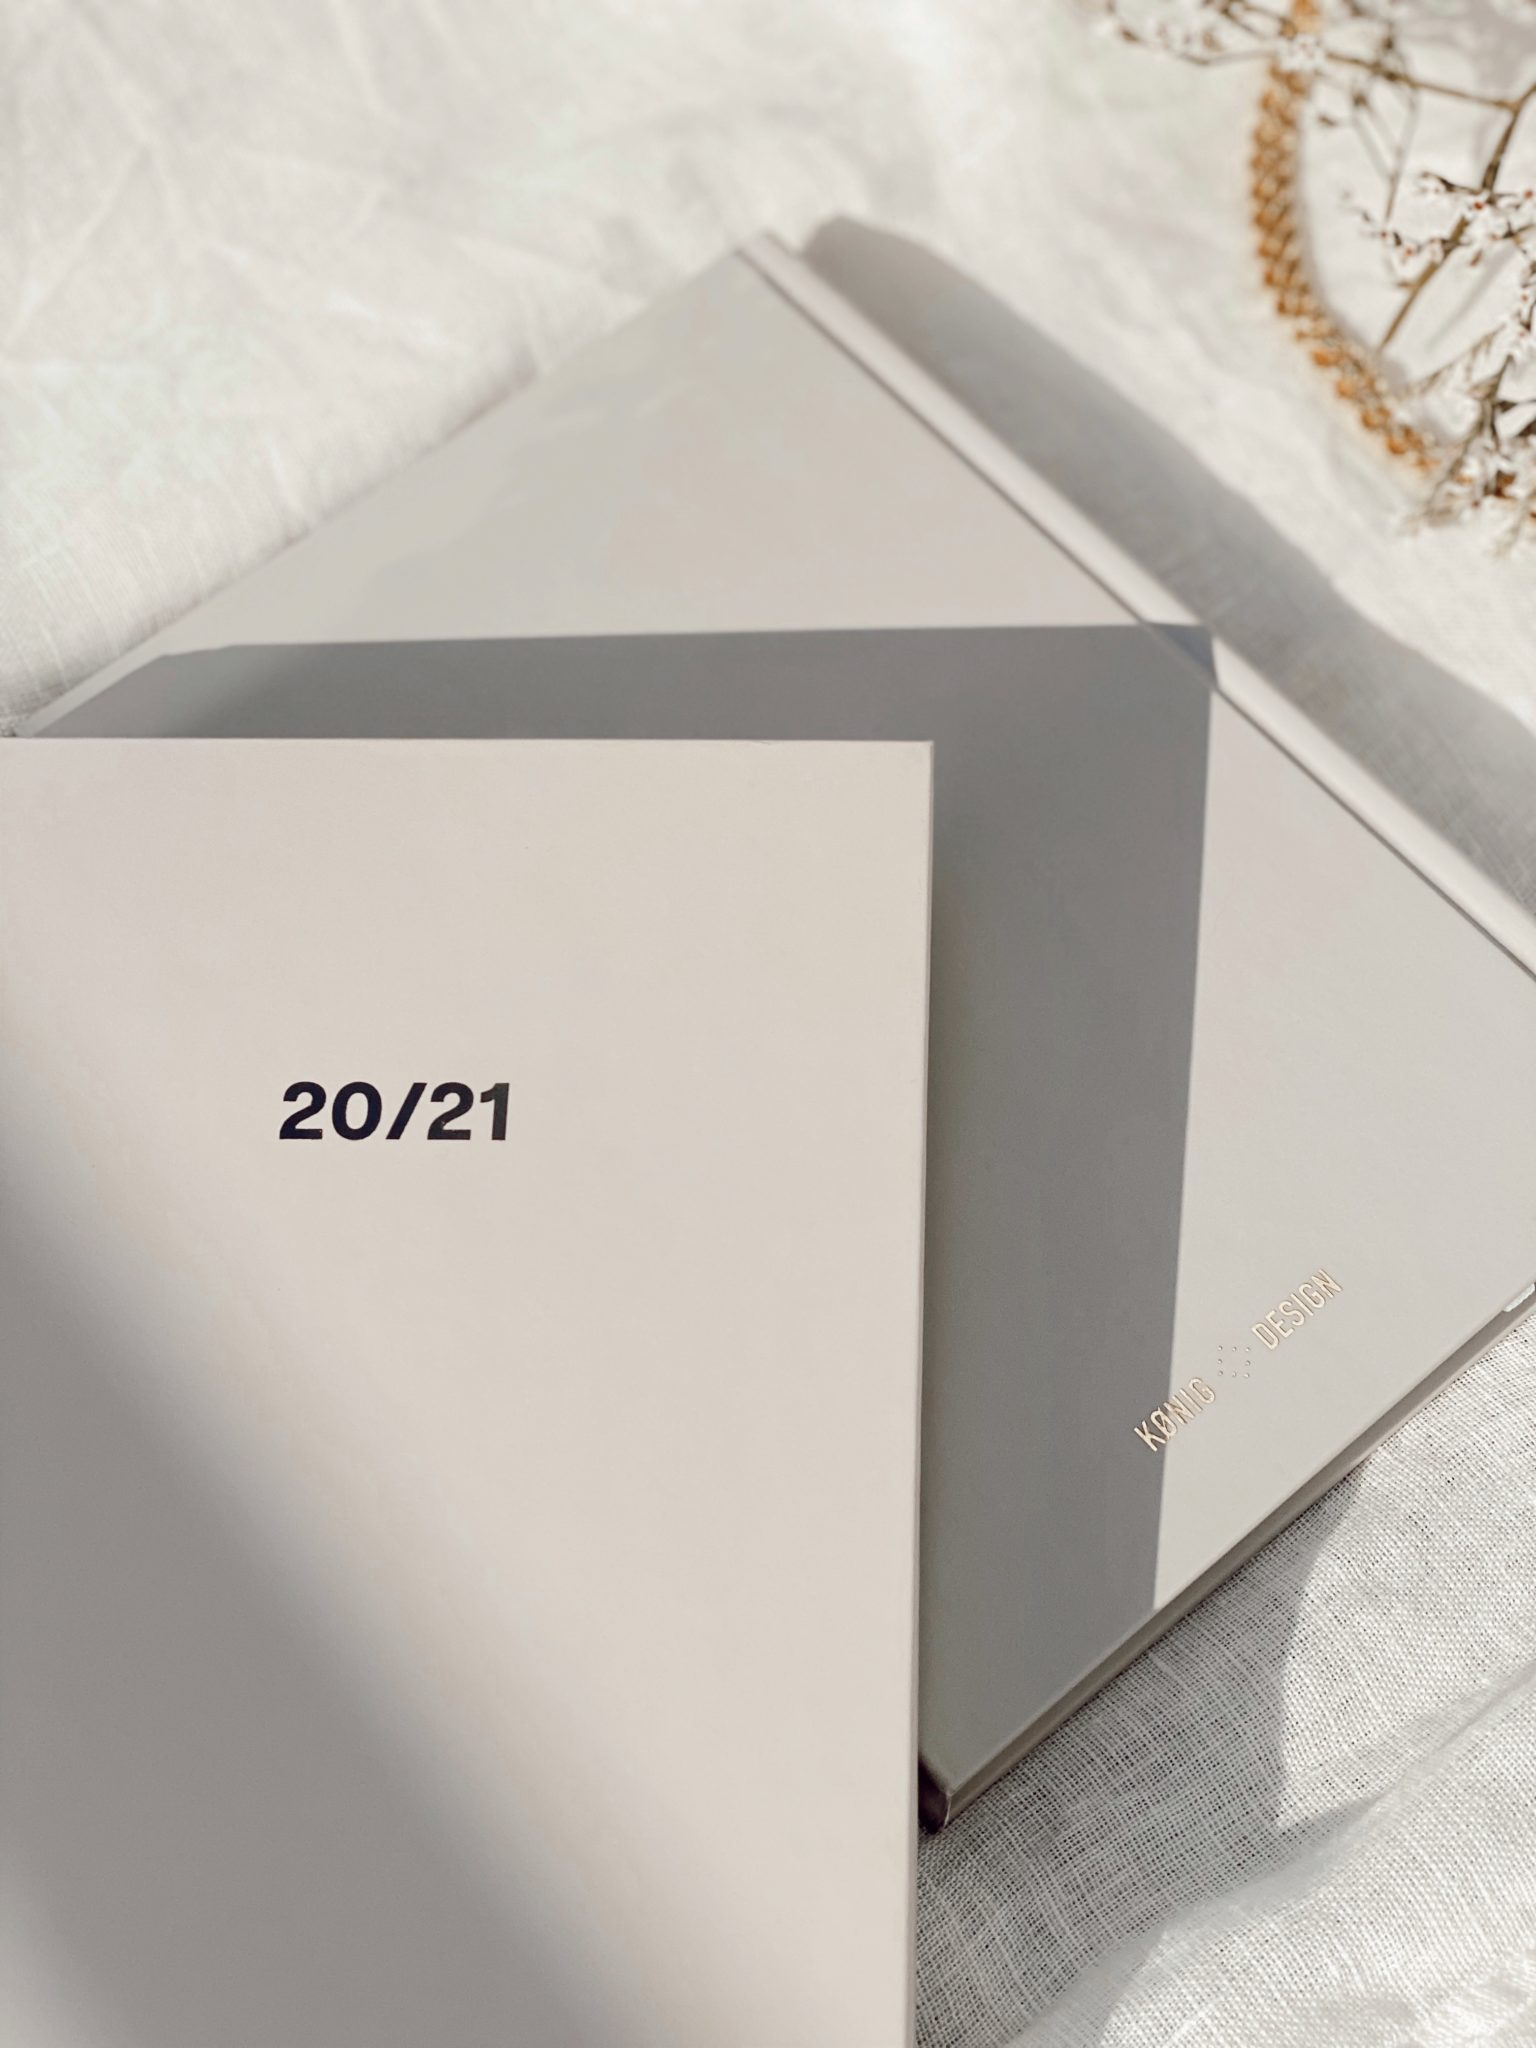 Vår 20/21 Studentplanlegger er den ultimate planlegger for studenter! Den er designet for å gi deg full oversikt med blant annet semesterplan, eksamensoversikt, timeplan, hverdagens to-do´s og mål du har satt deg for hver måned: studier/jobb | reise og livsstil| økonomi| trening og selvpleie. Perfekt størrelse slik at du enkelt kan ta den med deg i vesken! 20/21 Studentplanlegger detaljer. Norsk A5 format Farge: Light beige (fås også i svart) Hard cover Nydelig gullfolie på forside, bakside og rygg 120 g papir 235 sider Innhold. August 2020 - Juli 2021 Semesterplan for 2020 + 2021 Eksamensoversikt for 2020 + 2021 Timeplan + blanke notatsider hver måned Ukentlig planlegging + ukens middager, trening, gjøremål og notater Månedsoversikt m/ukenummer Mål for måneden Budsjett for måneden Ferieoversikt Merkedager